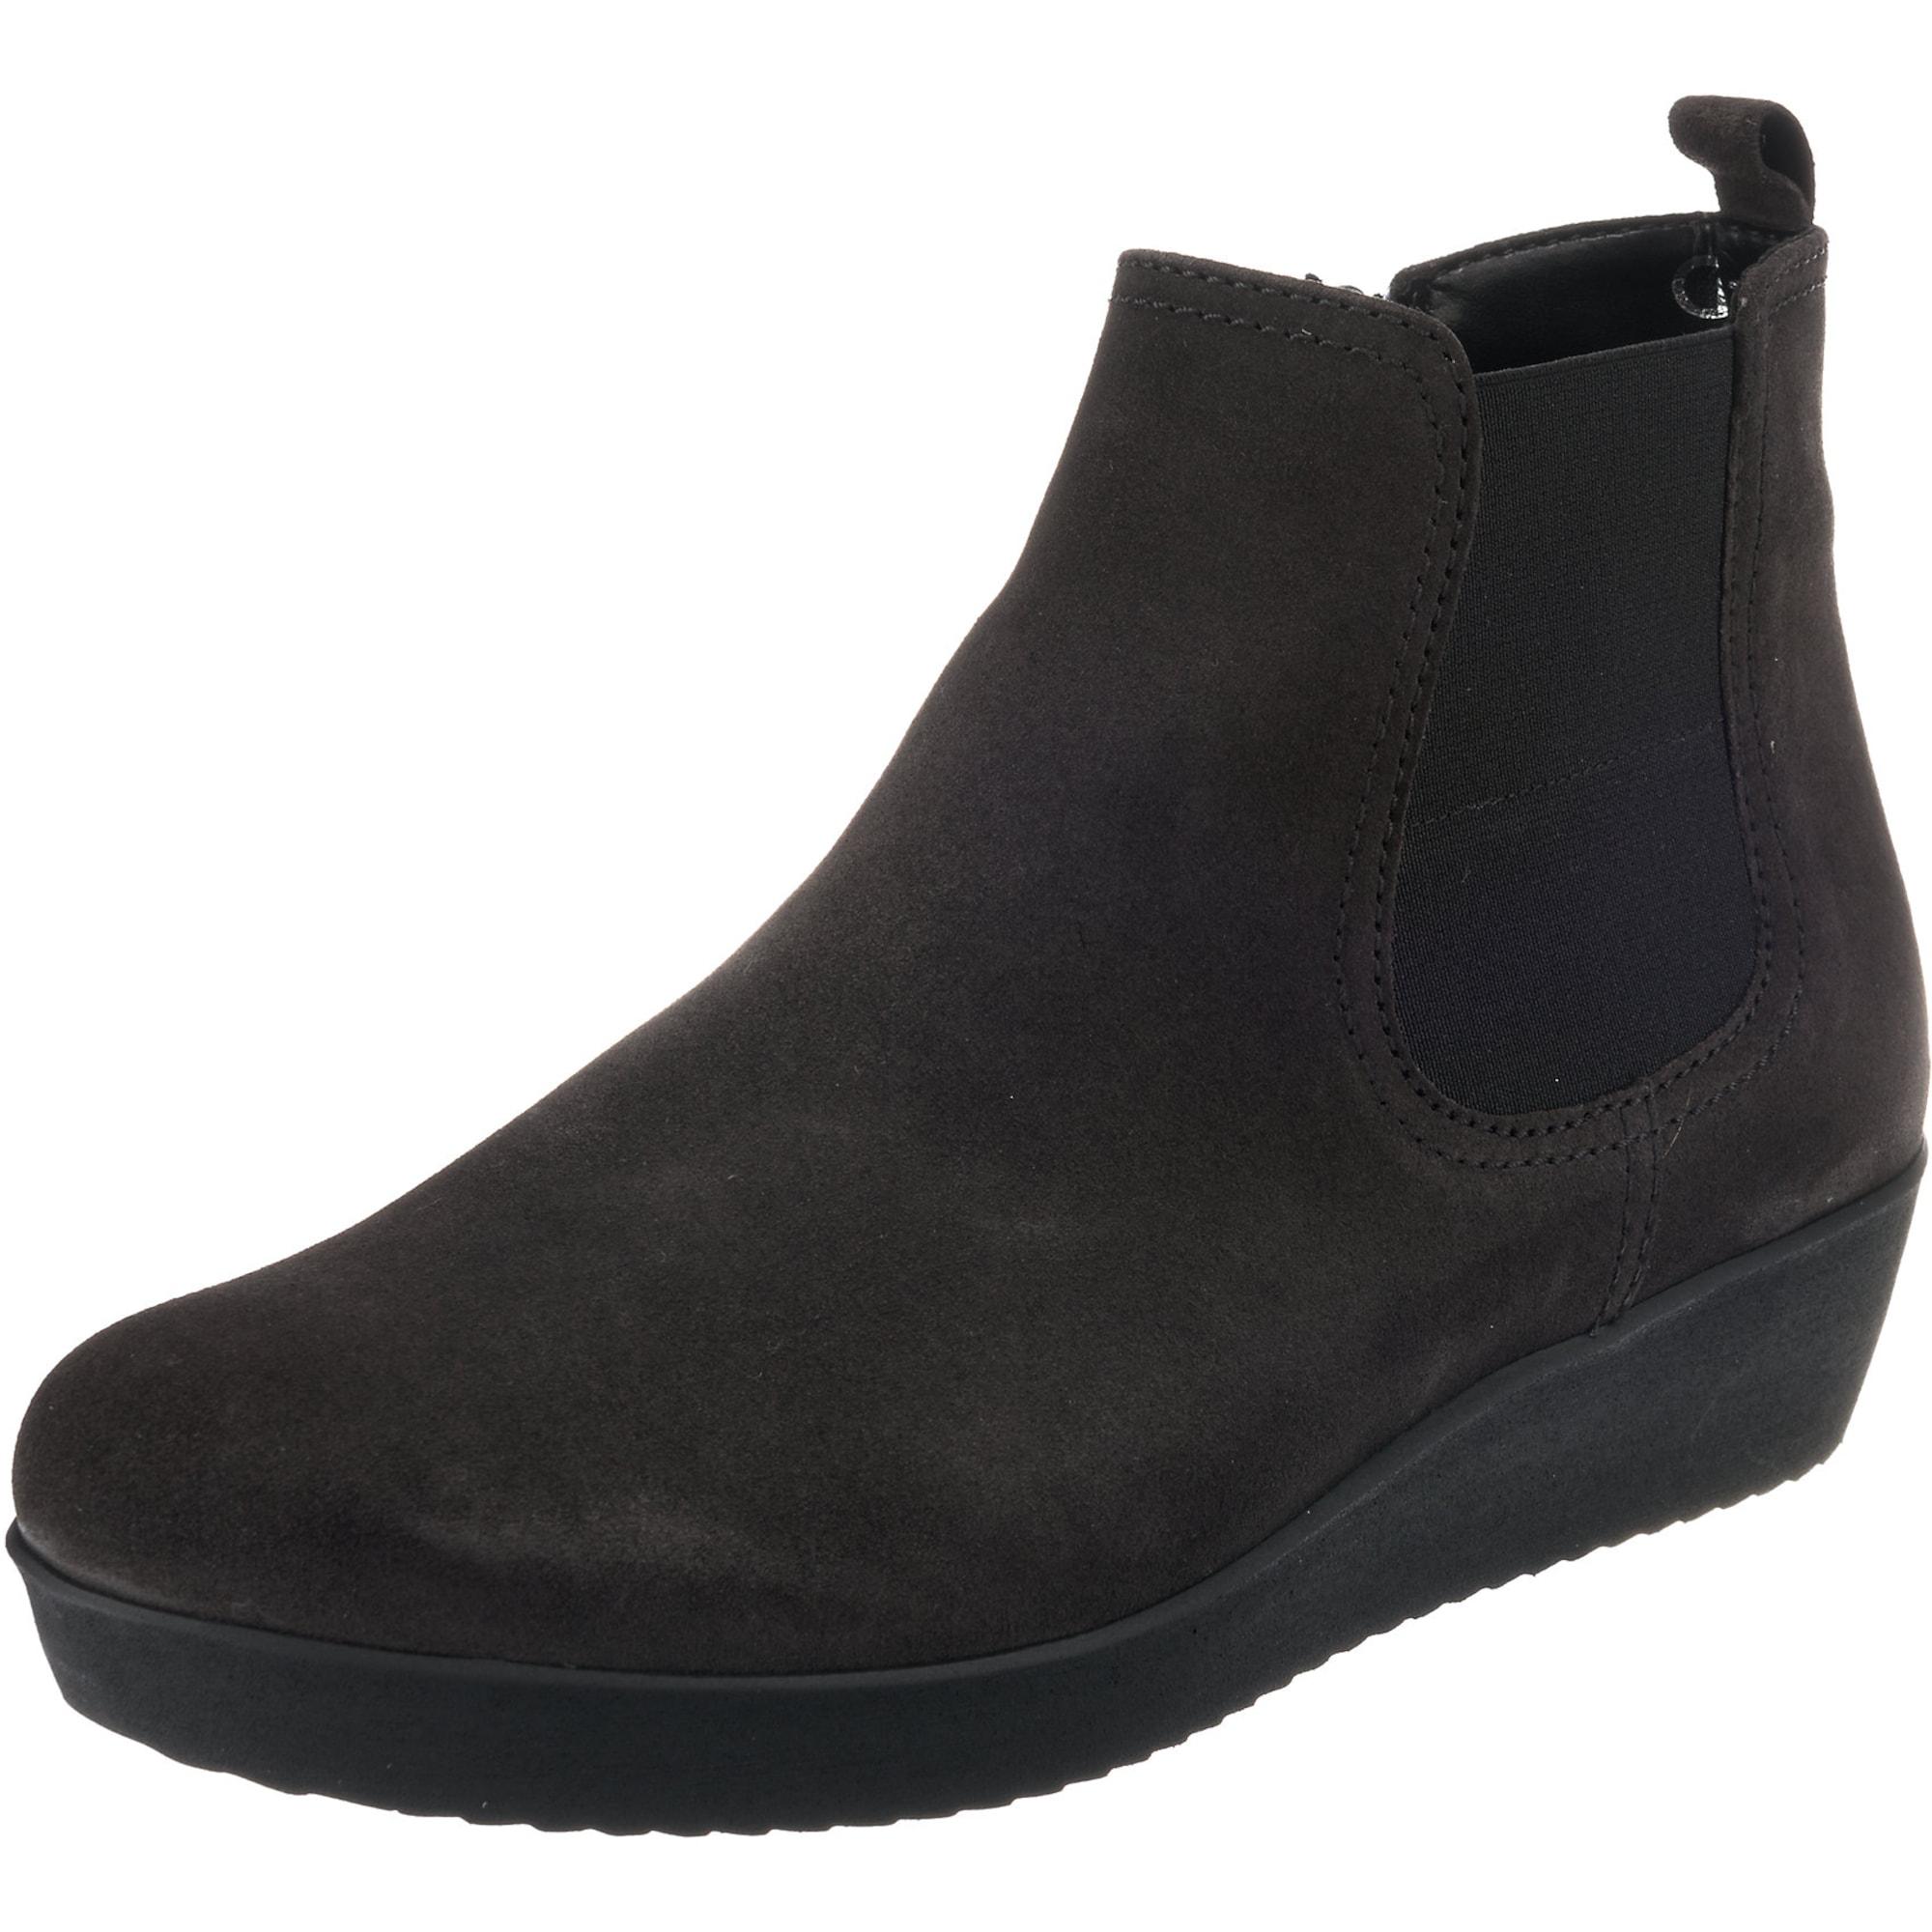 Stiefeletten | Schuhe > Stiefeletten | Gabor